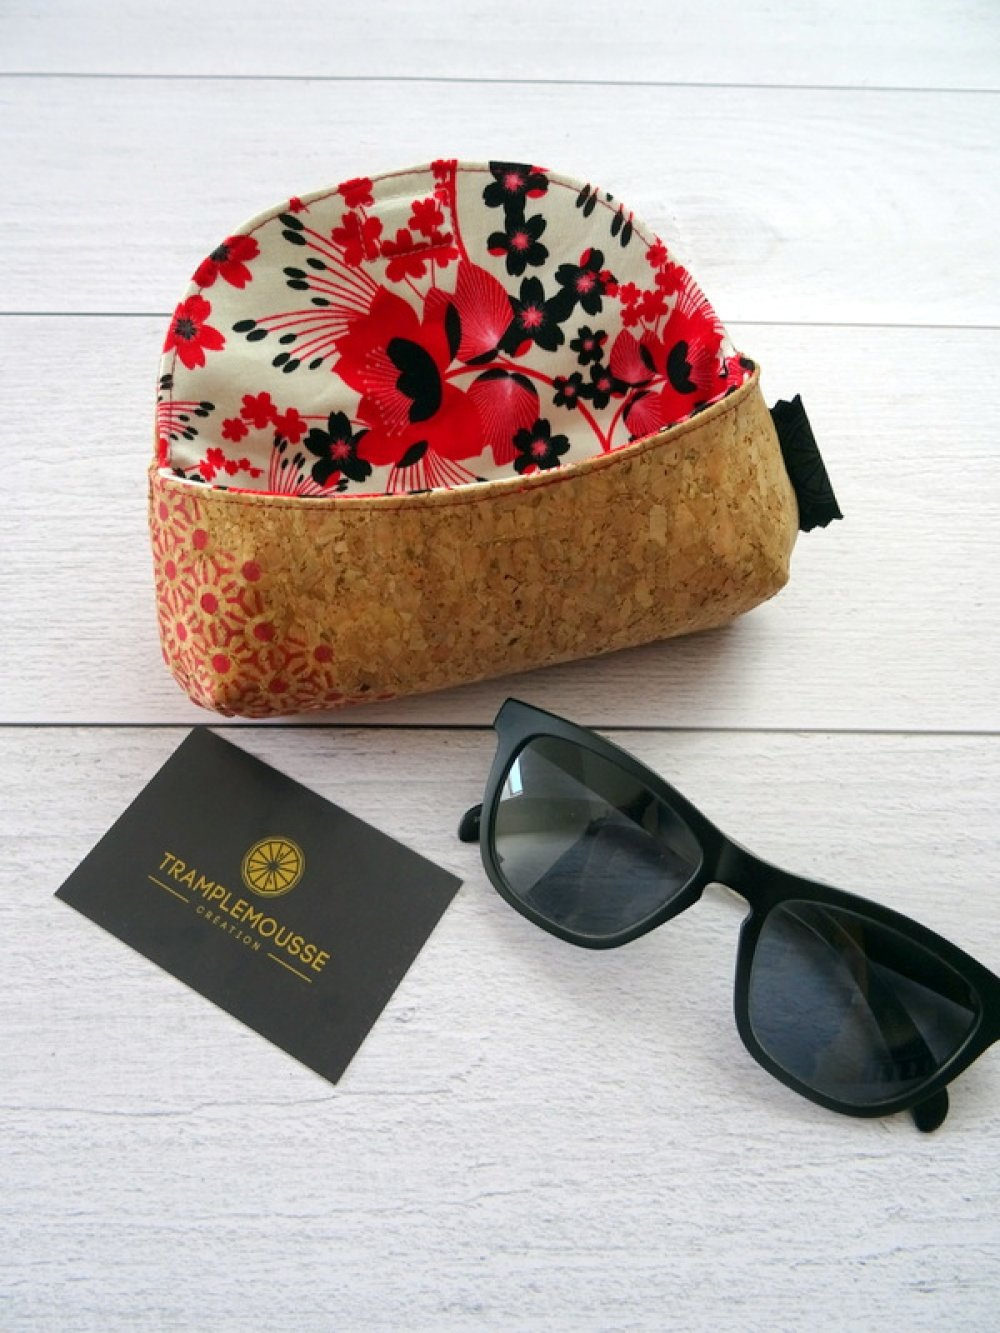 Étui à lunettes en liège et motif Japonnais et fleurs rouges